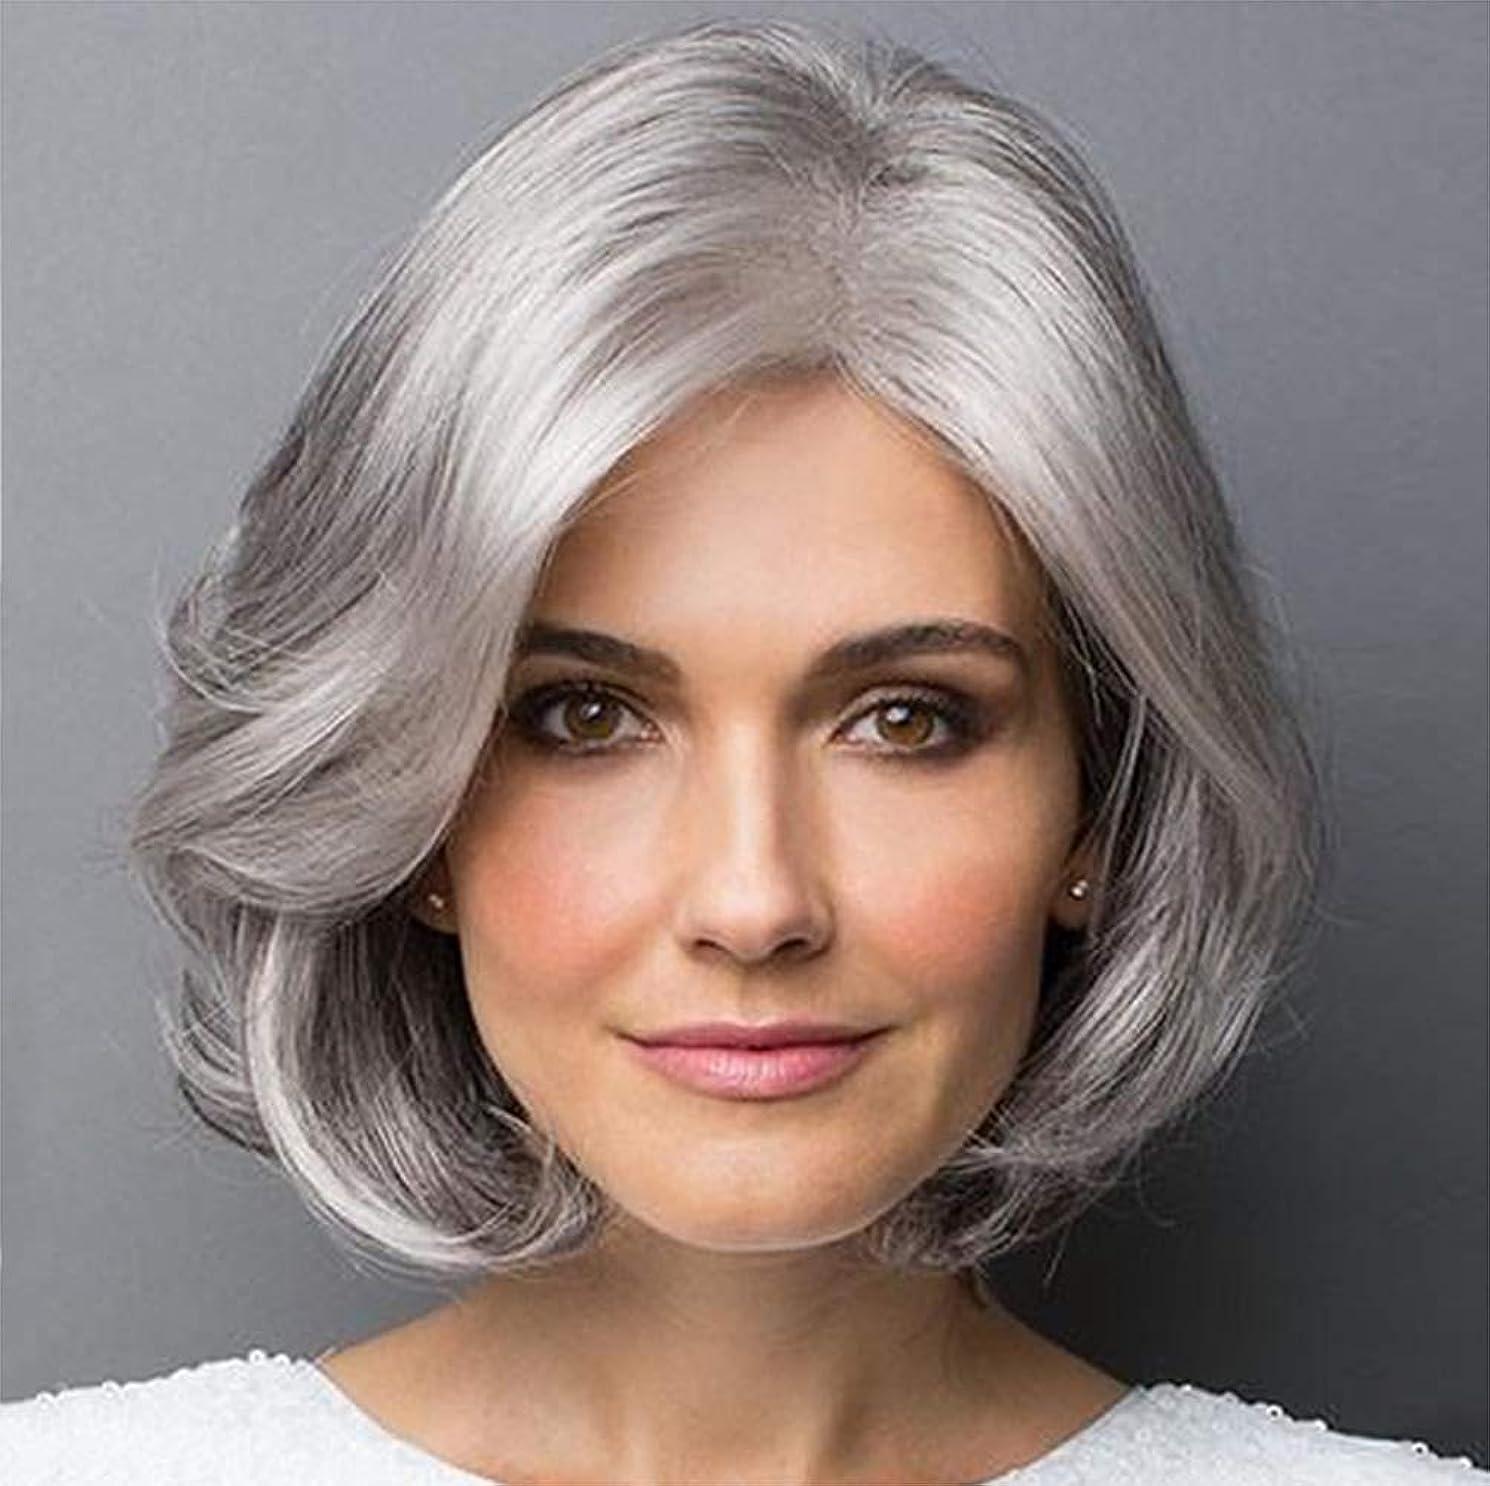 極端な誤解シミュレートする女性かつら人間の髪の毛おばあちゃんの髪耐熱合成短い絹のようなパーティーヘアウィッグライトグレー35 cm